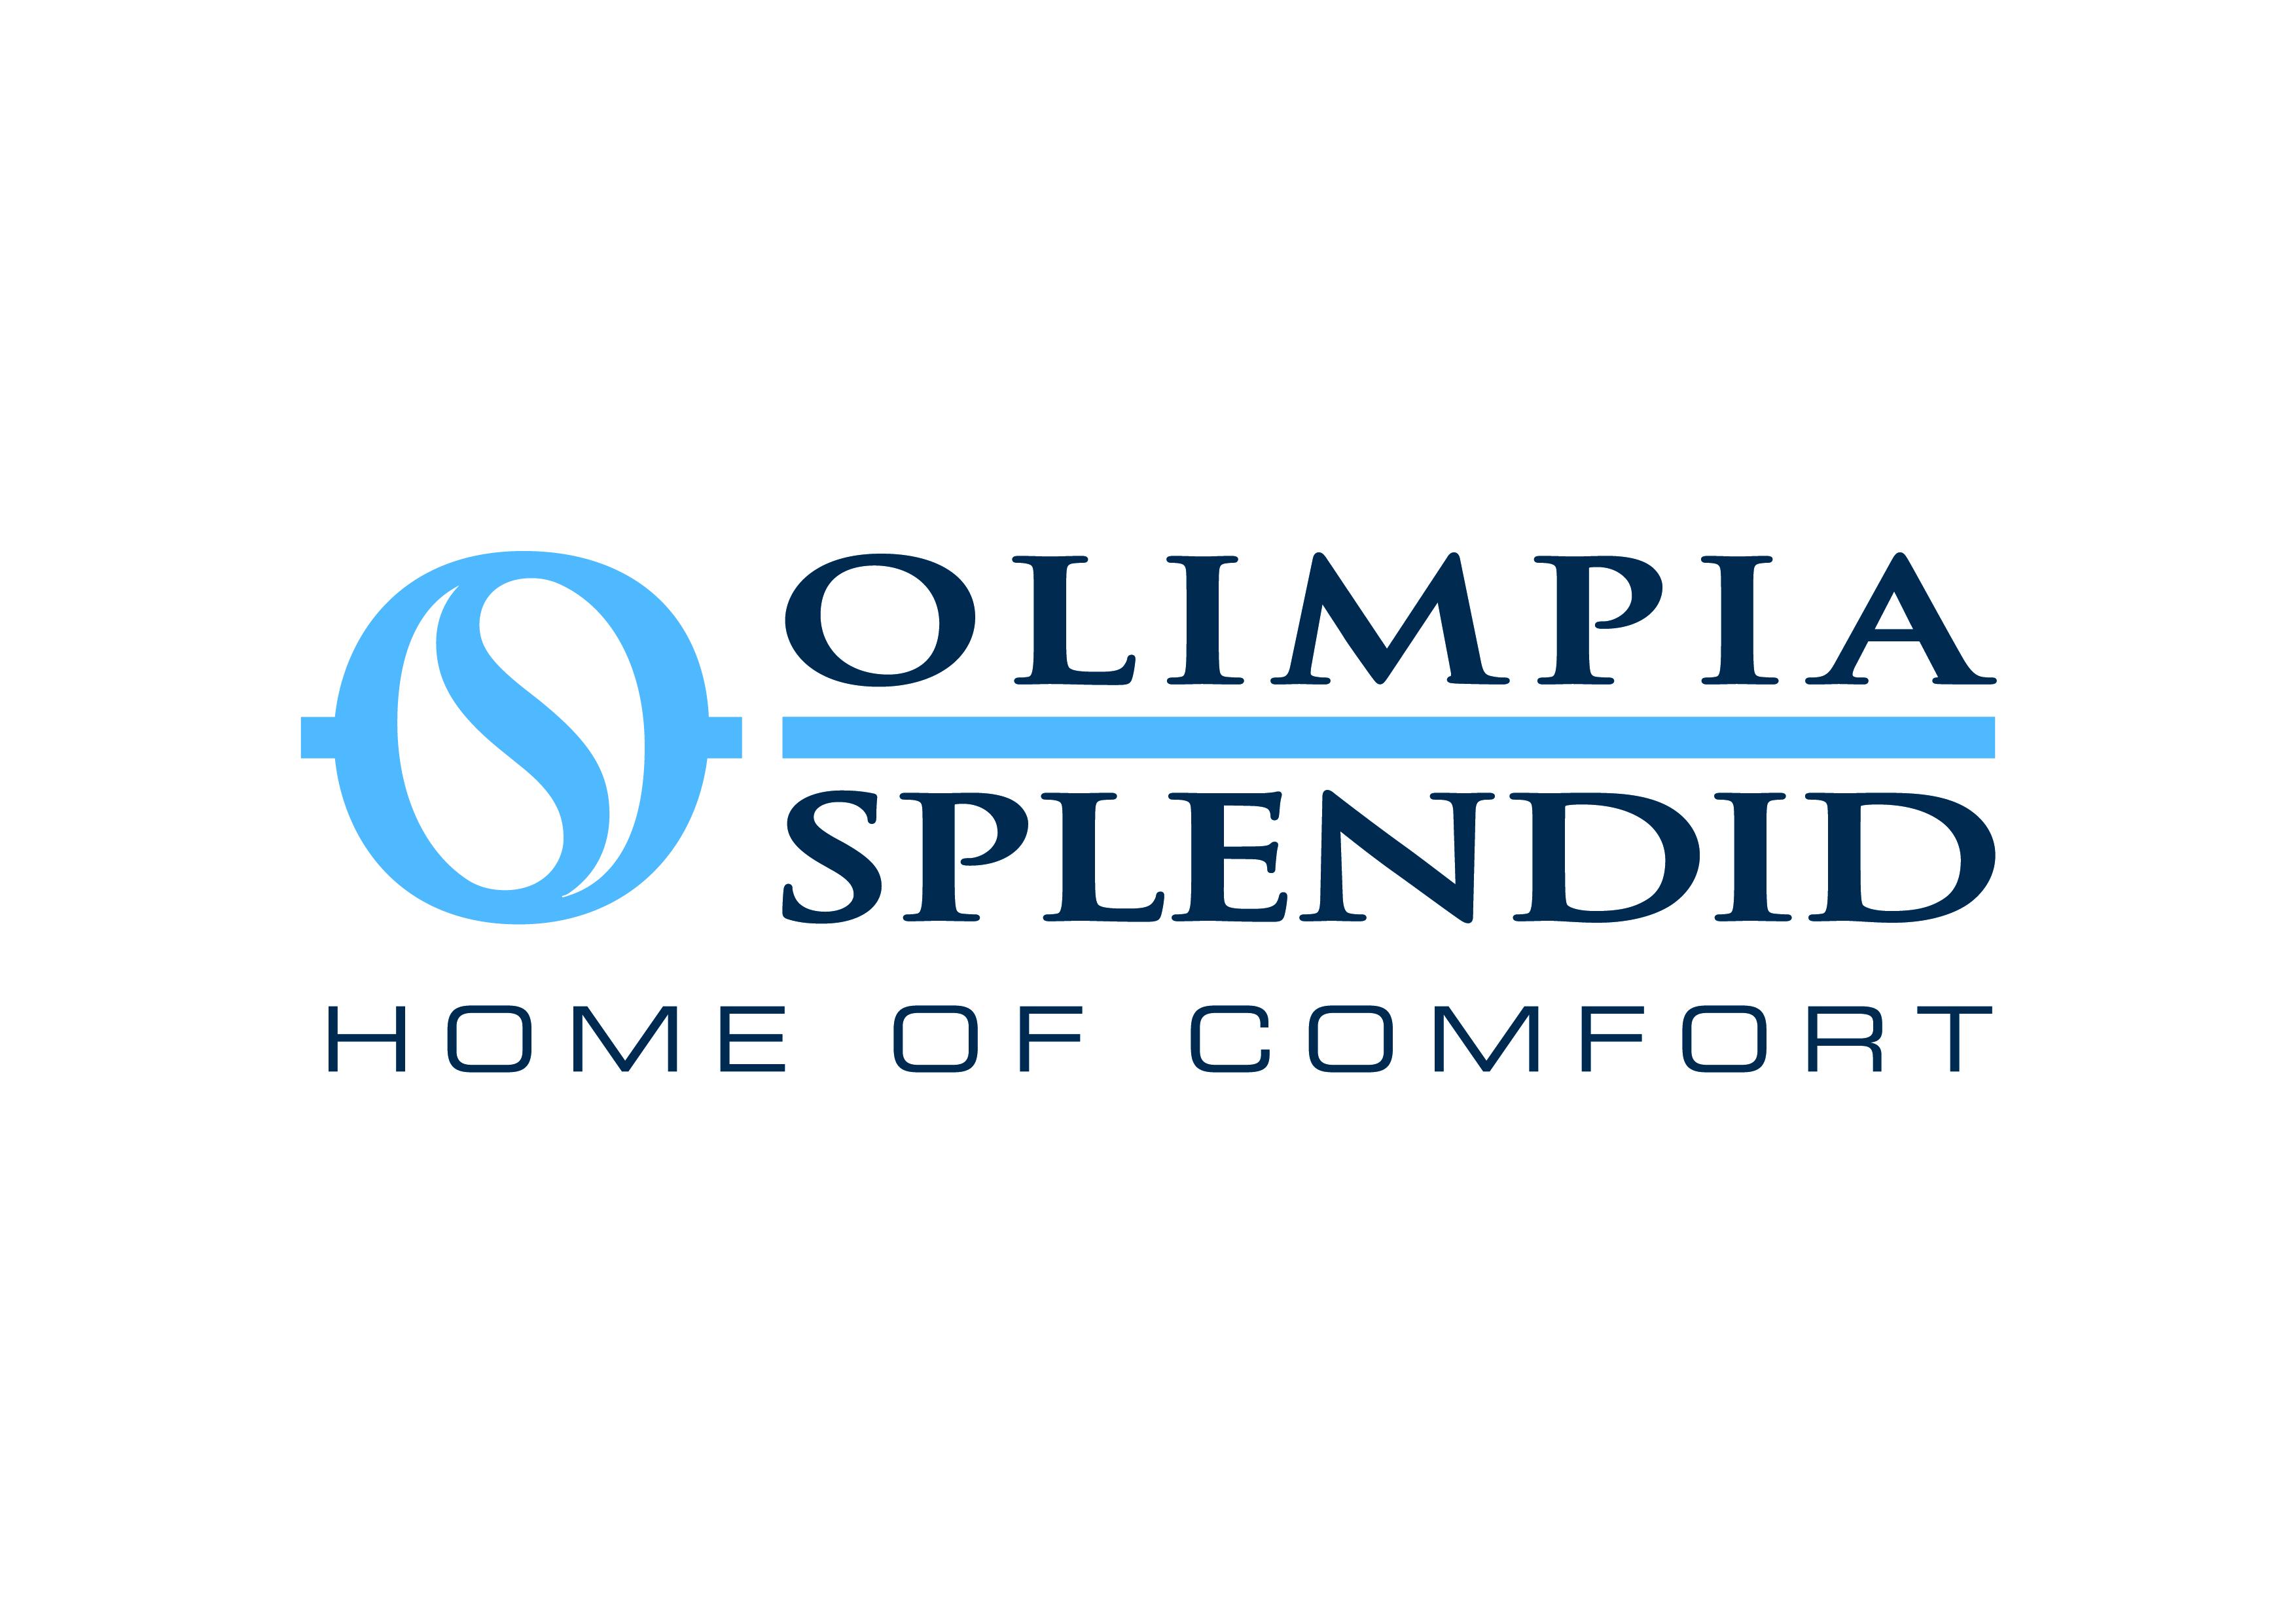 Venghino signori a scoprire Olimpia Splendid!